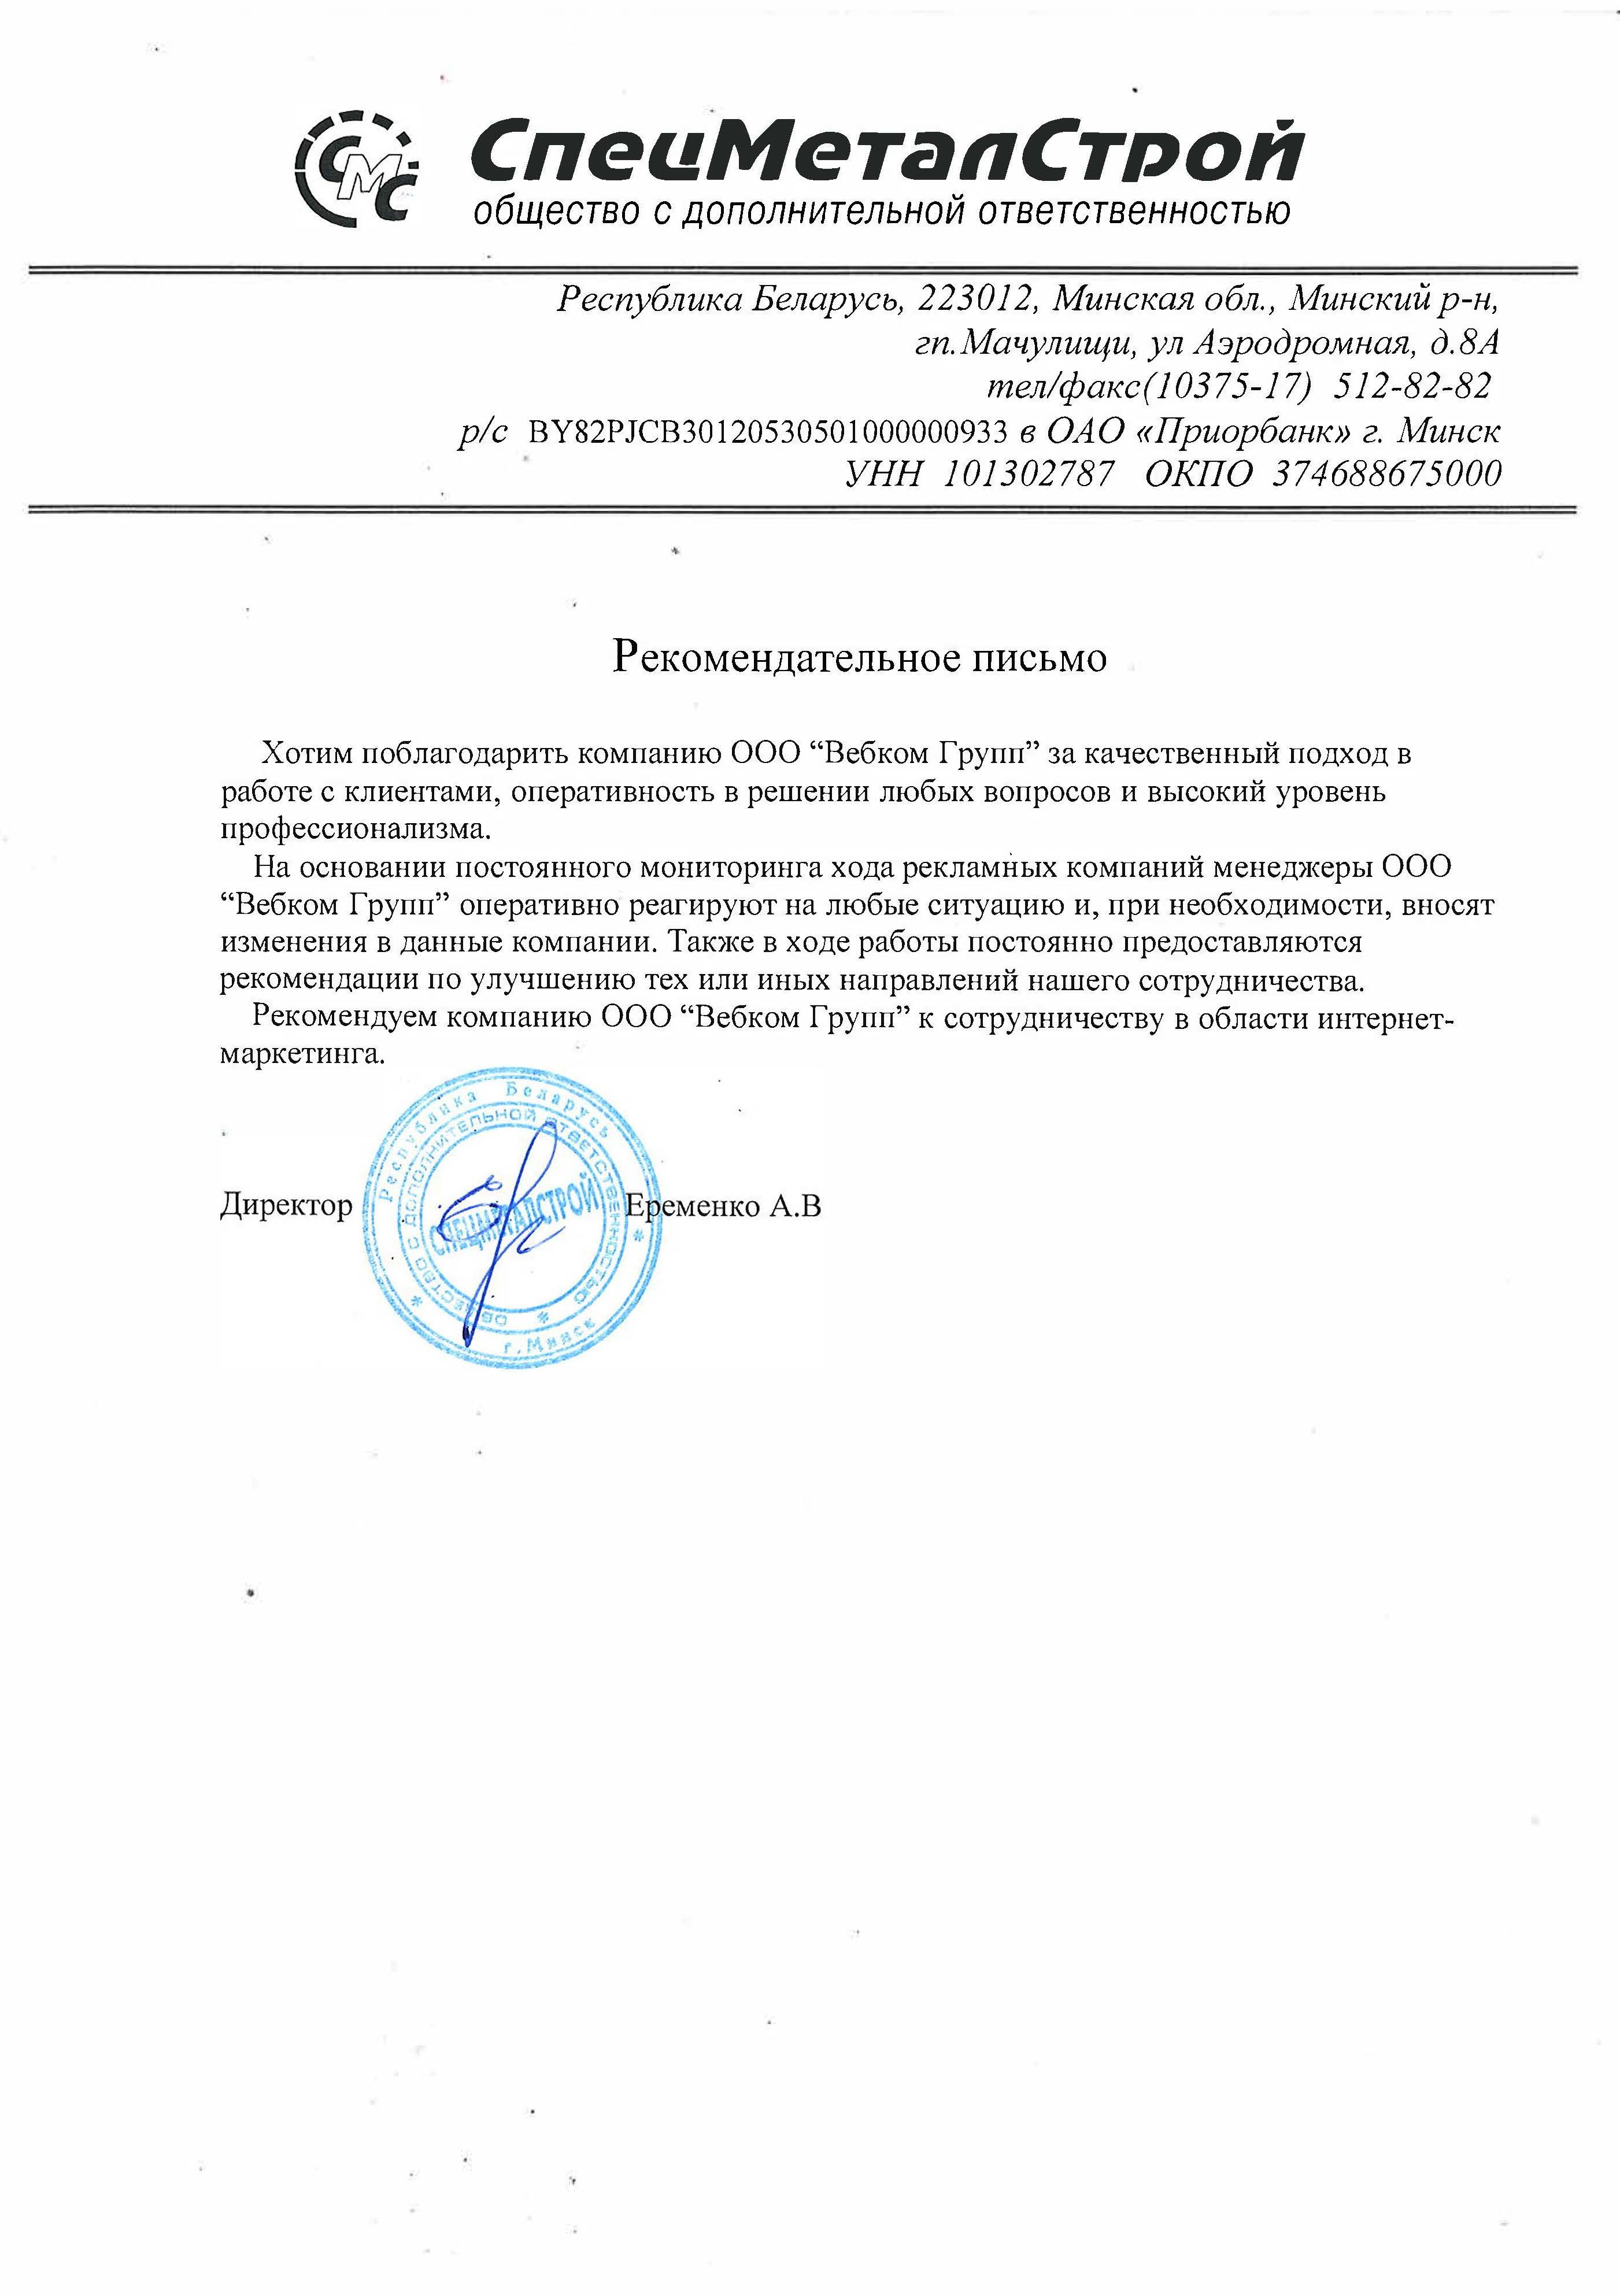 Директор ООО 'СпецМеталСтрой'